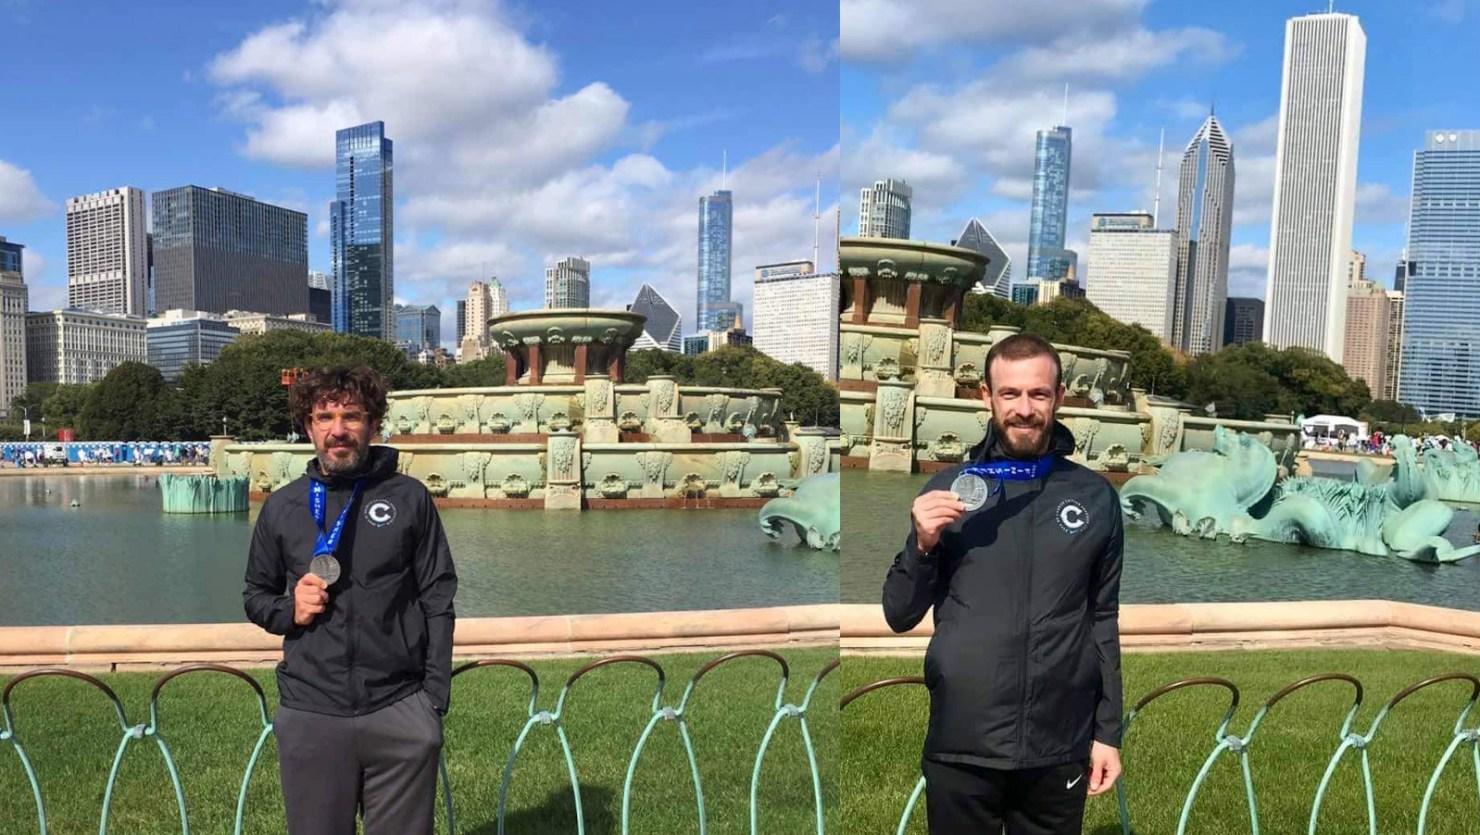 Δυο Τρικαλινοί στον Μαραθώνιο του Σικάγο (φώτο)